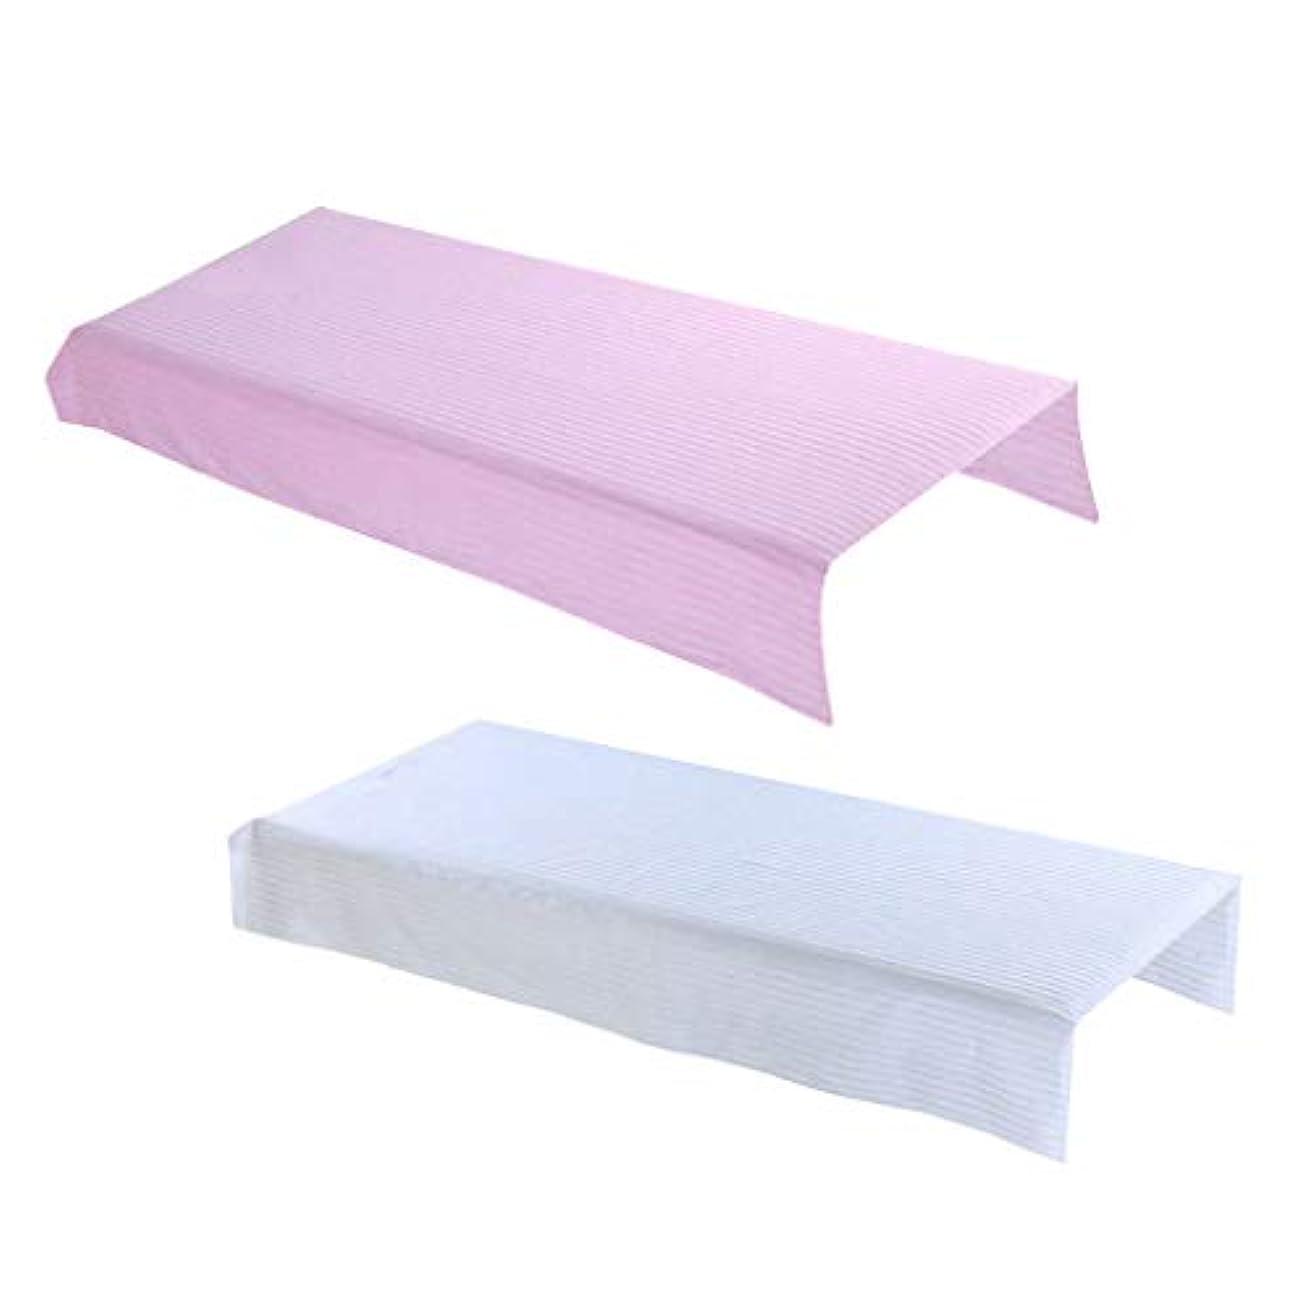 宿題桃衝動sharprepublic マッサージベッド カバー スパベッドカバー 美容ベッドシート マッサージテーブルカバー